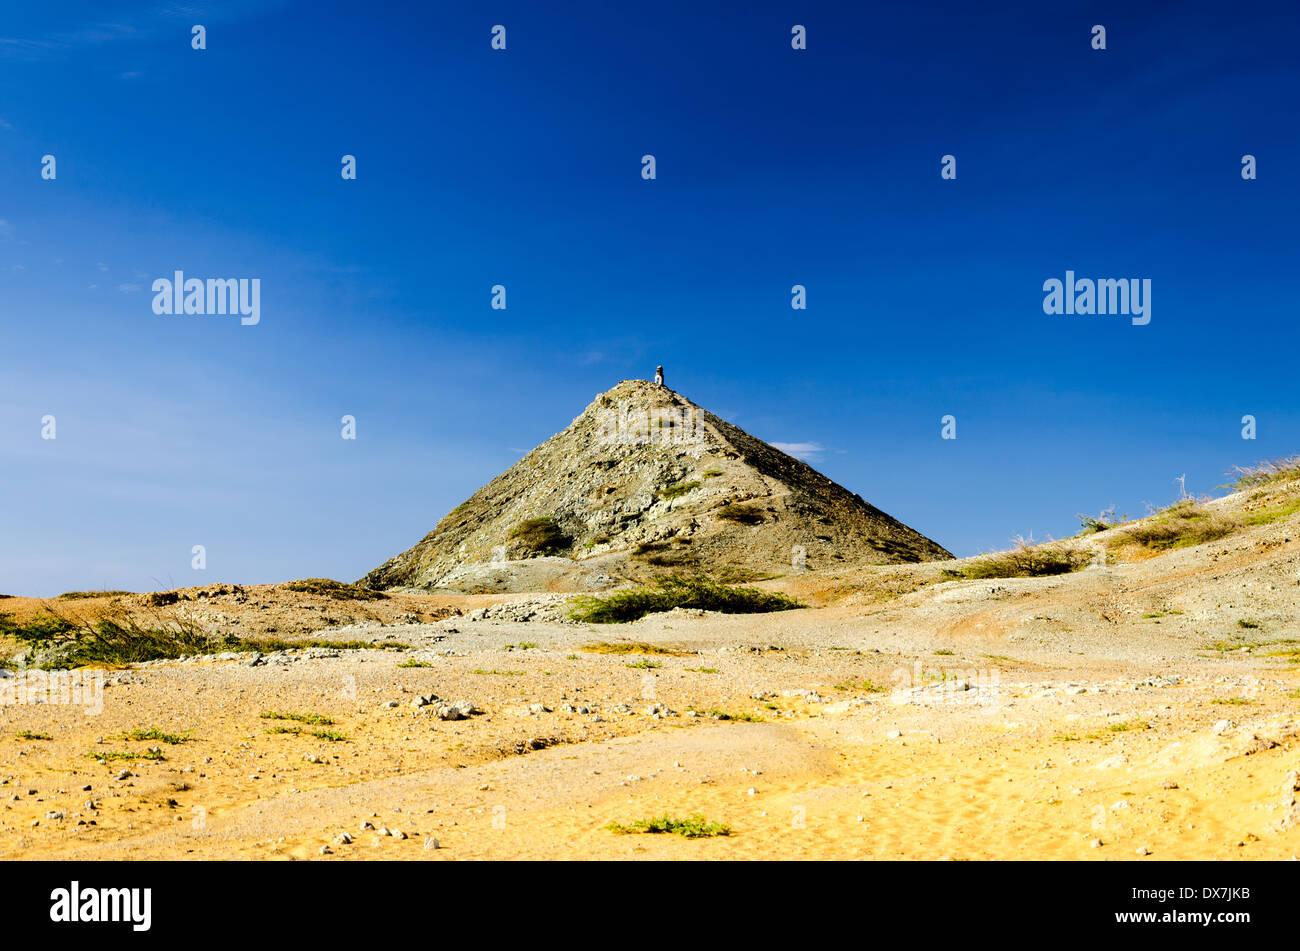 Pilon de Azucar in La Guajira, Colombia rising above the desert - Stock Image